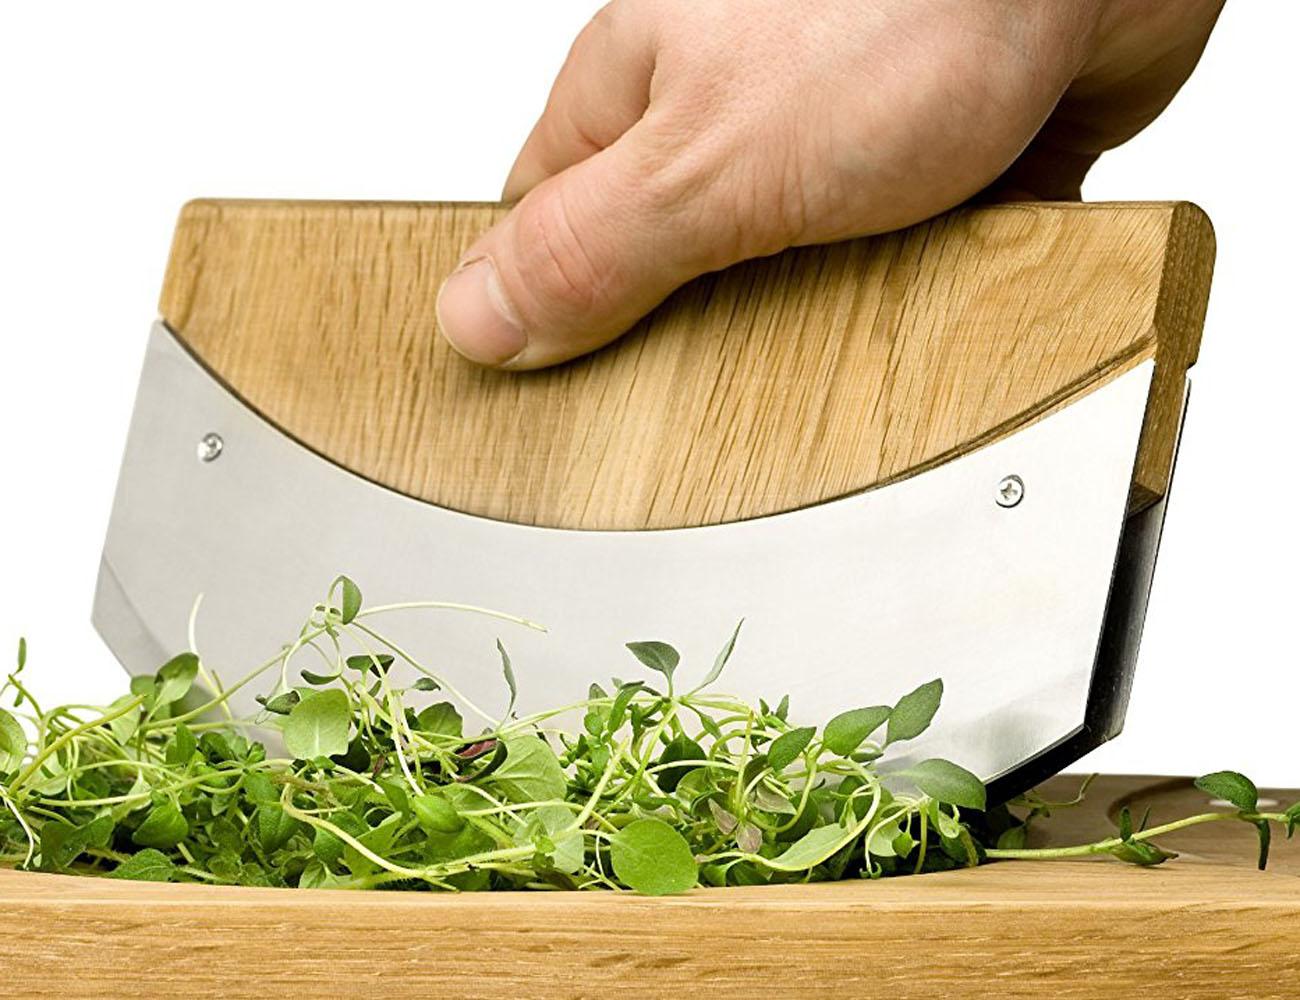 Oak+Cutting+Board+With+Mezzaluna